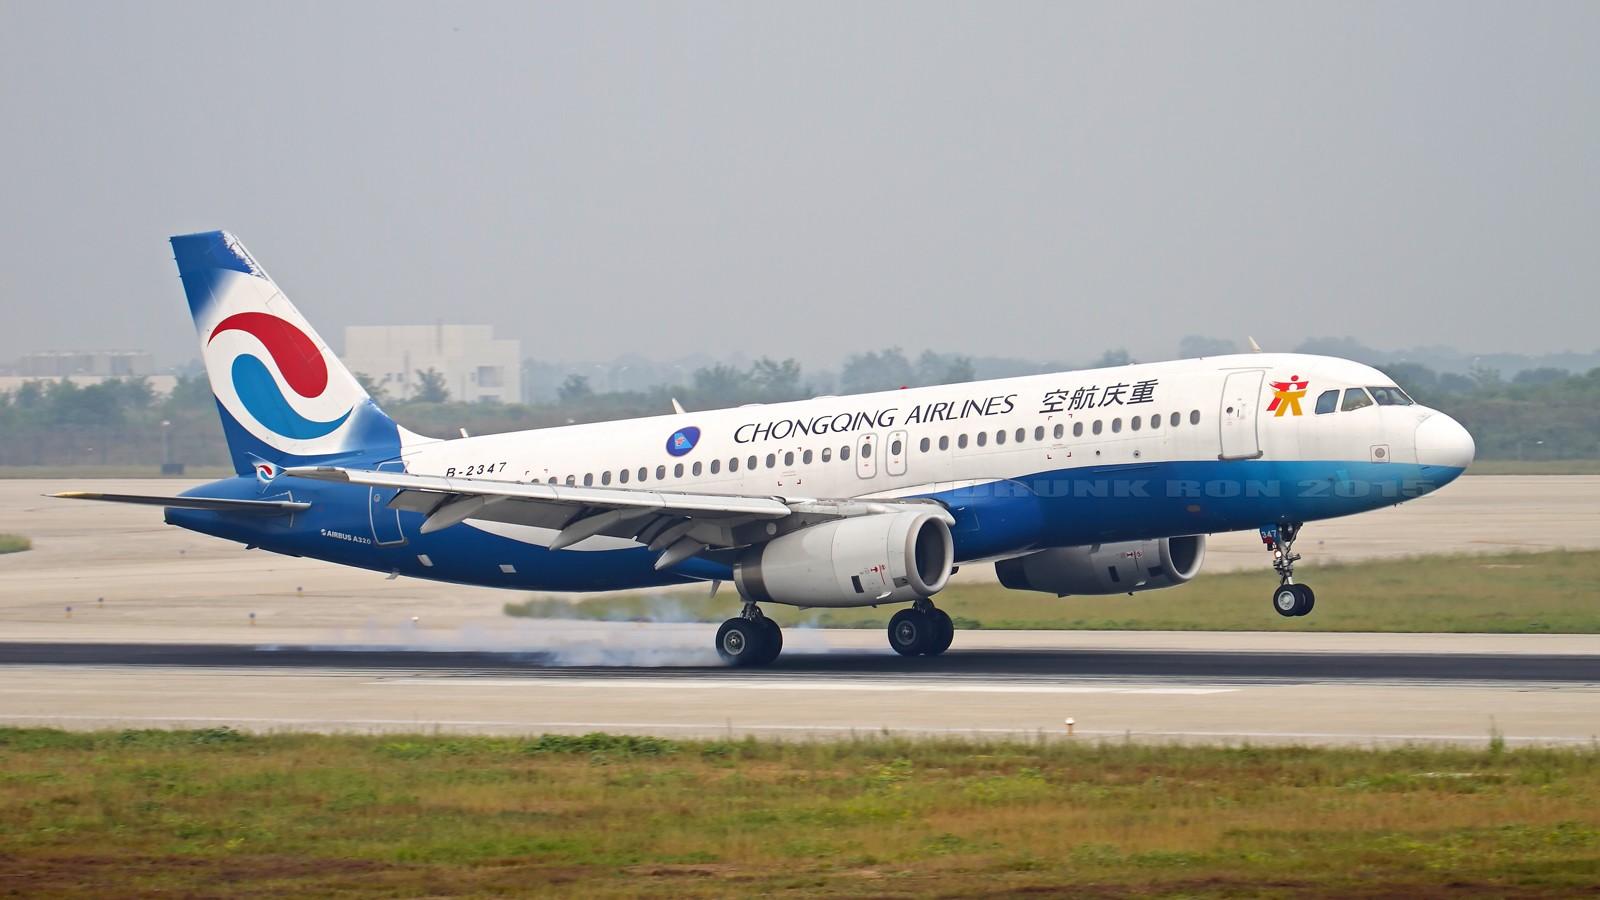 Re:[原创]NKG~周日去的多~这次周六去的~ AIRBUS A320-200 B-2347 中国南京禄口国际机场